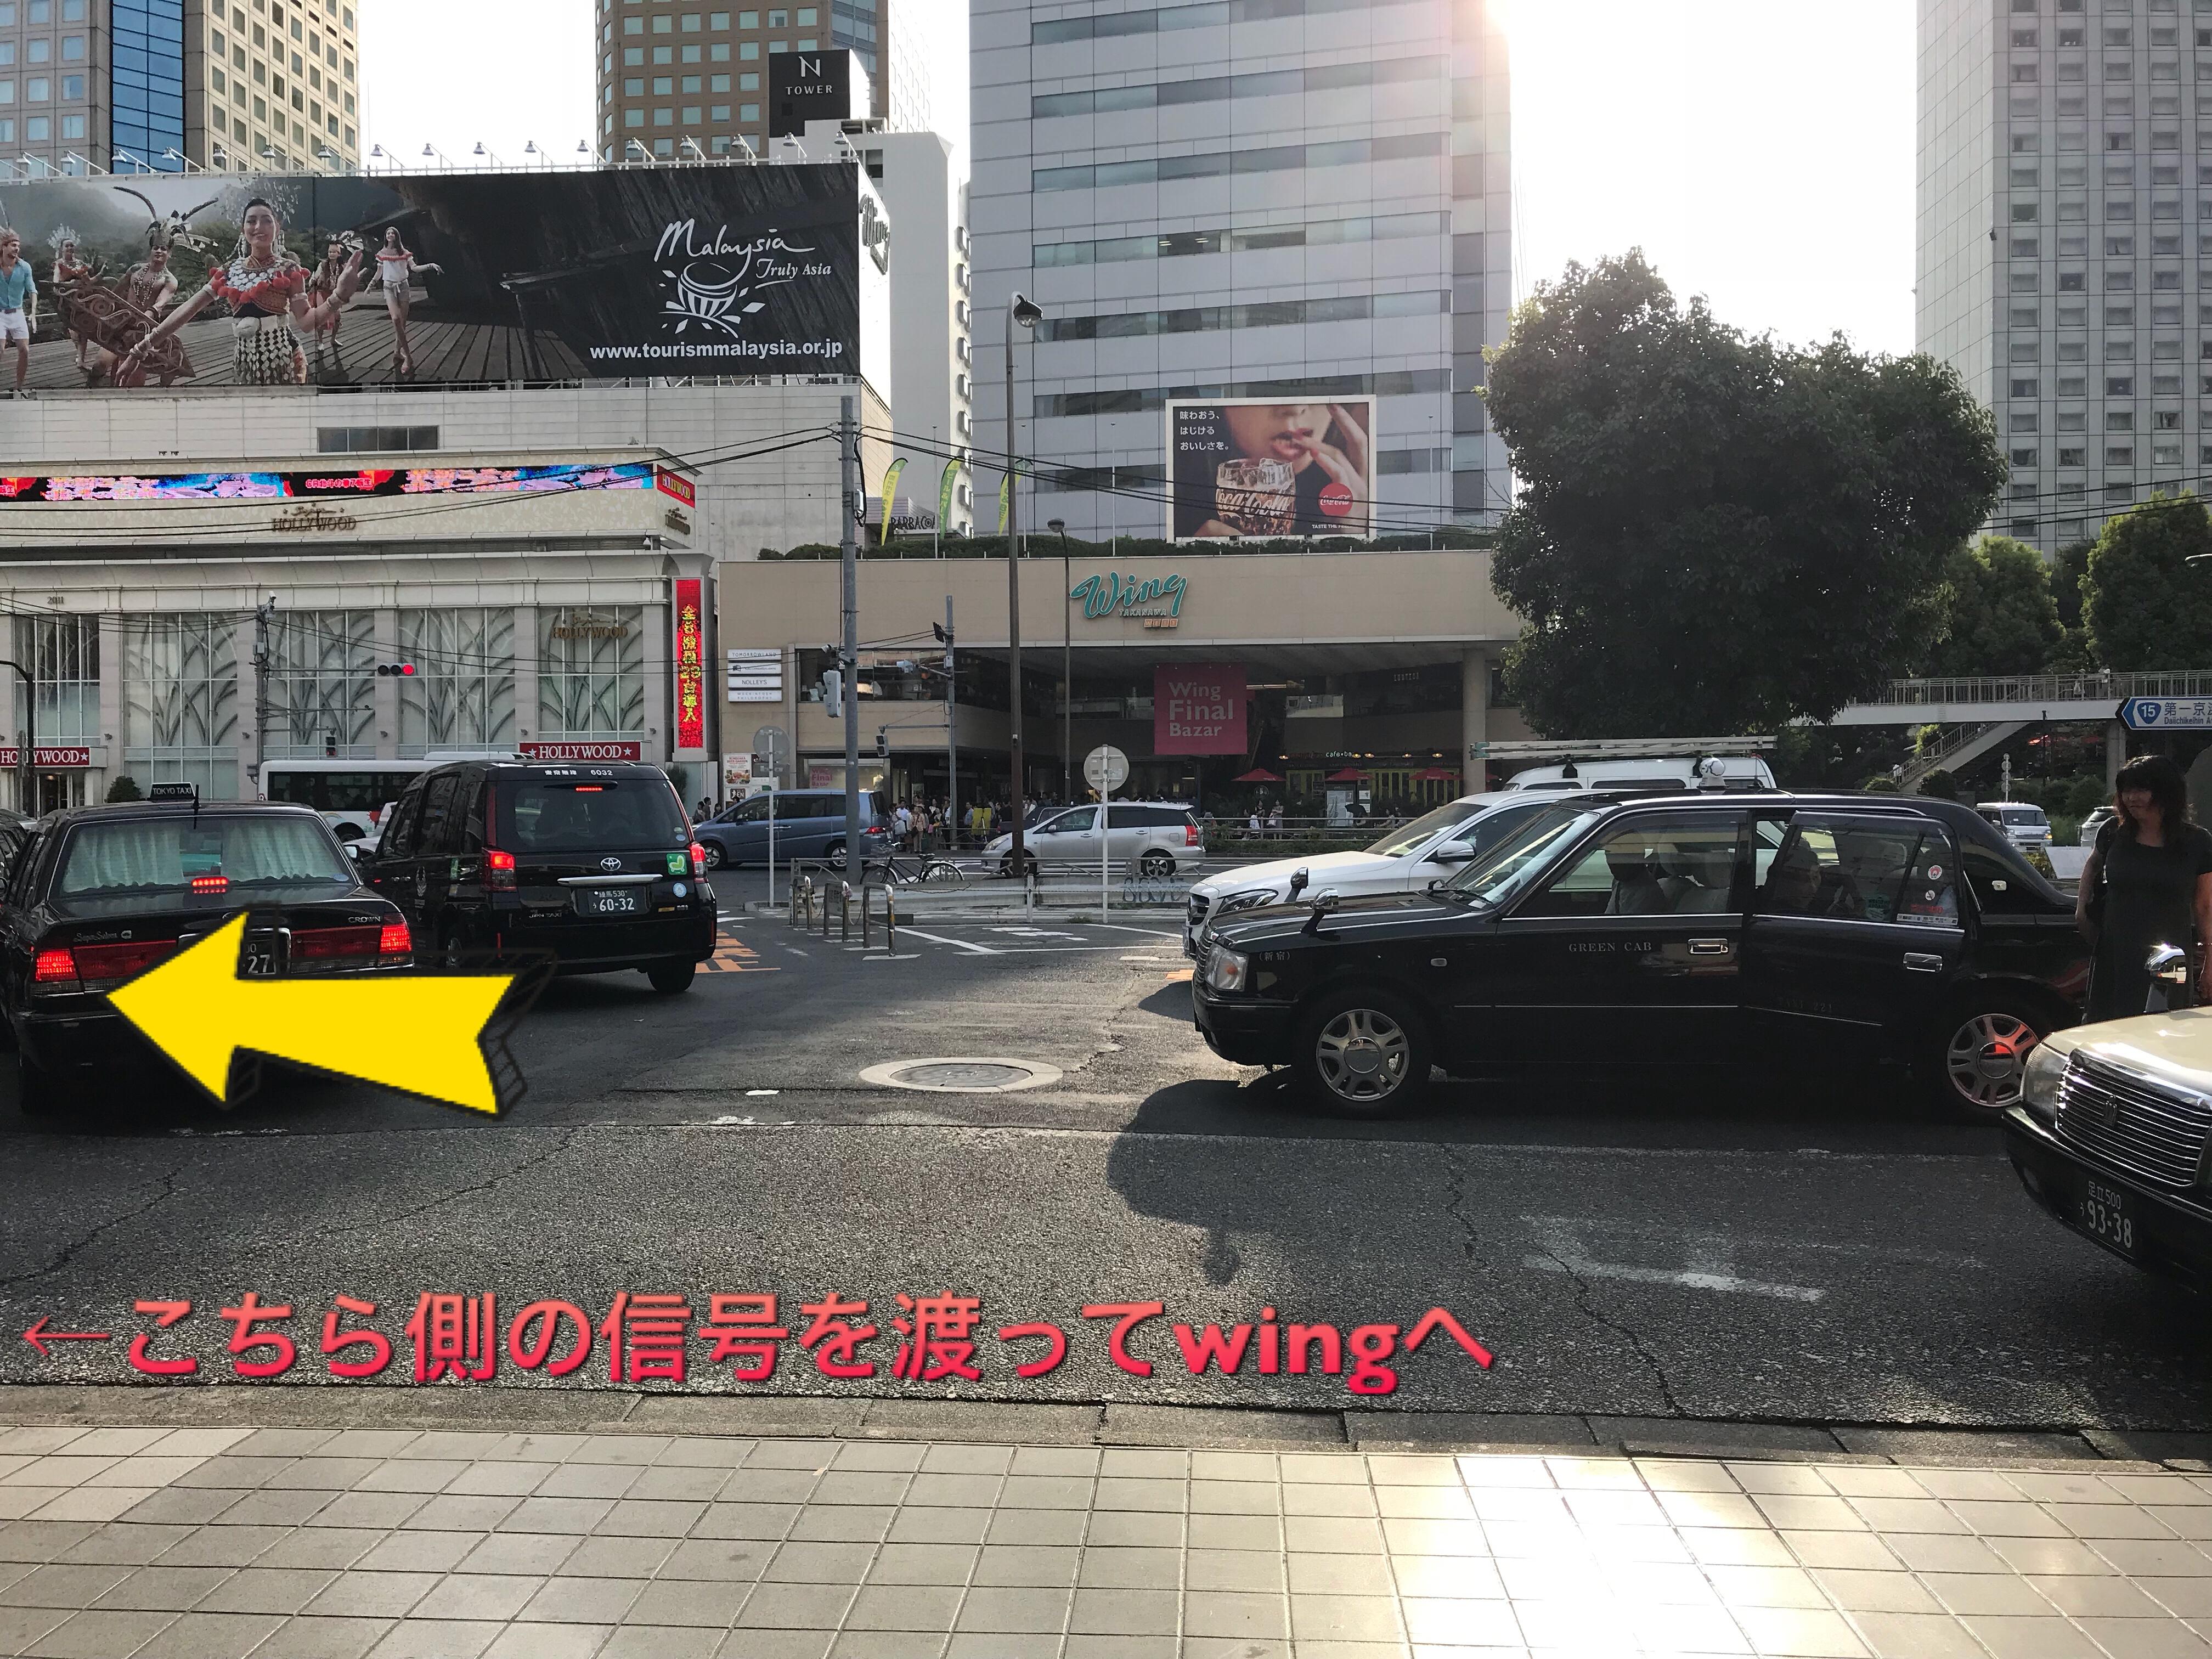 写真中央前方に見えている緑色の文字の建物が、Wingです。